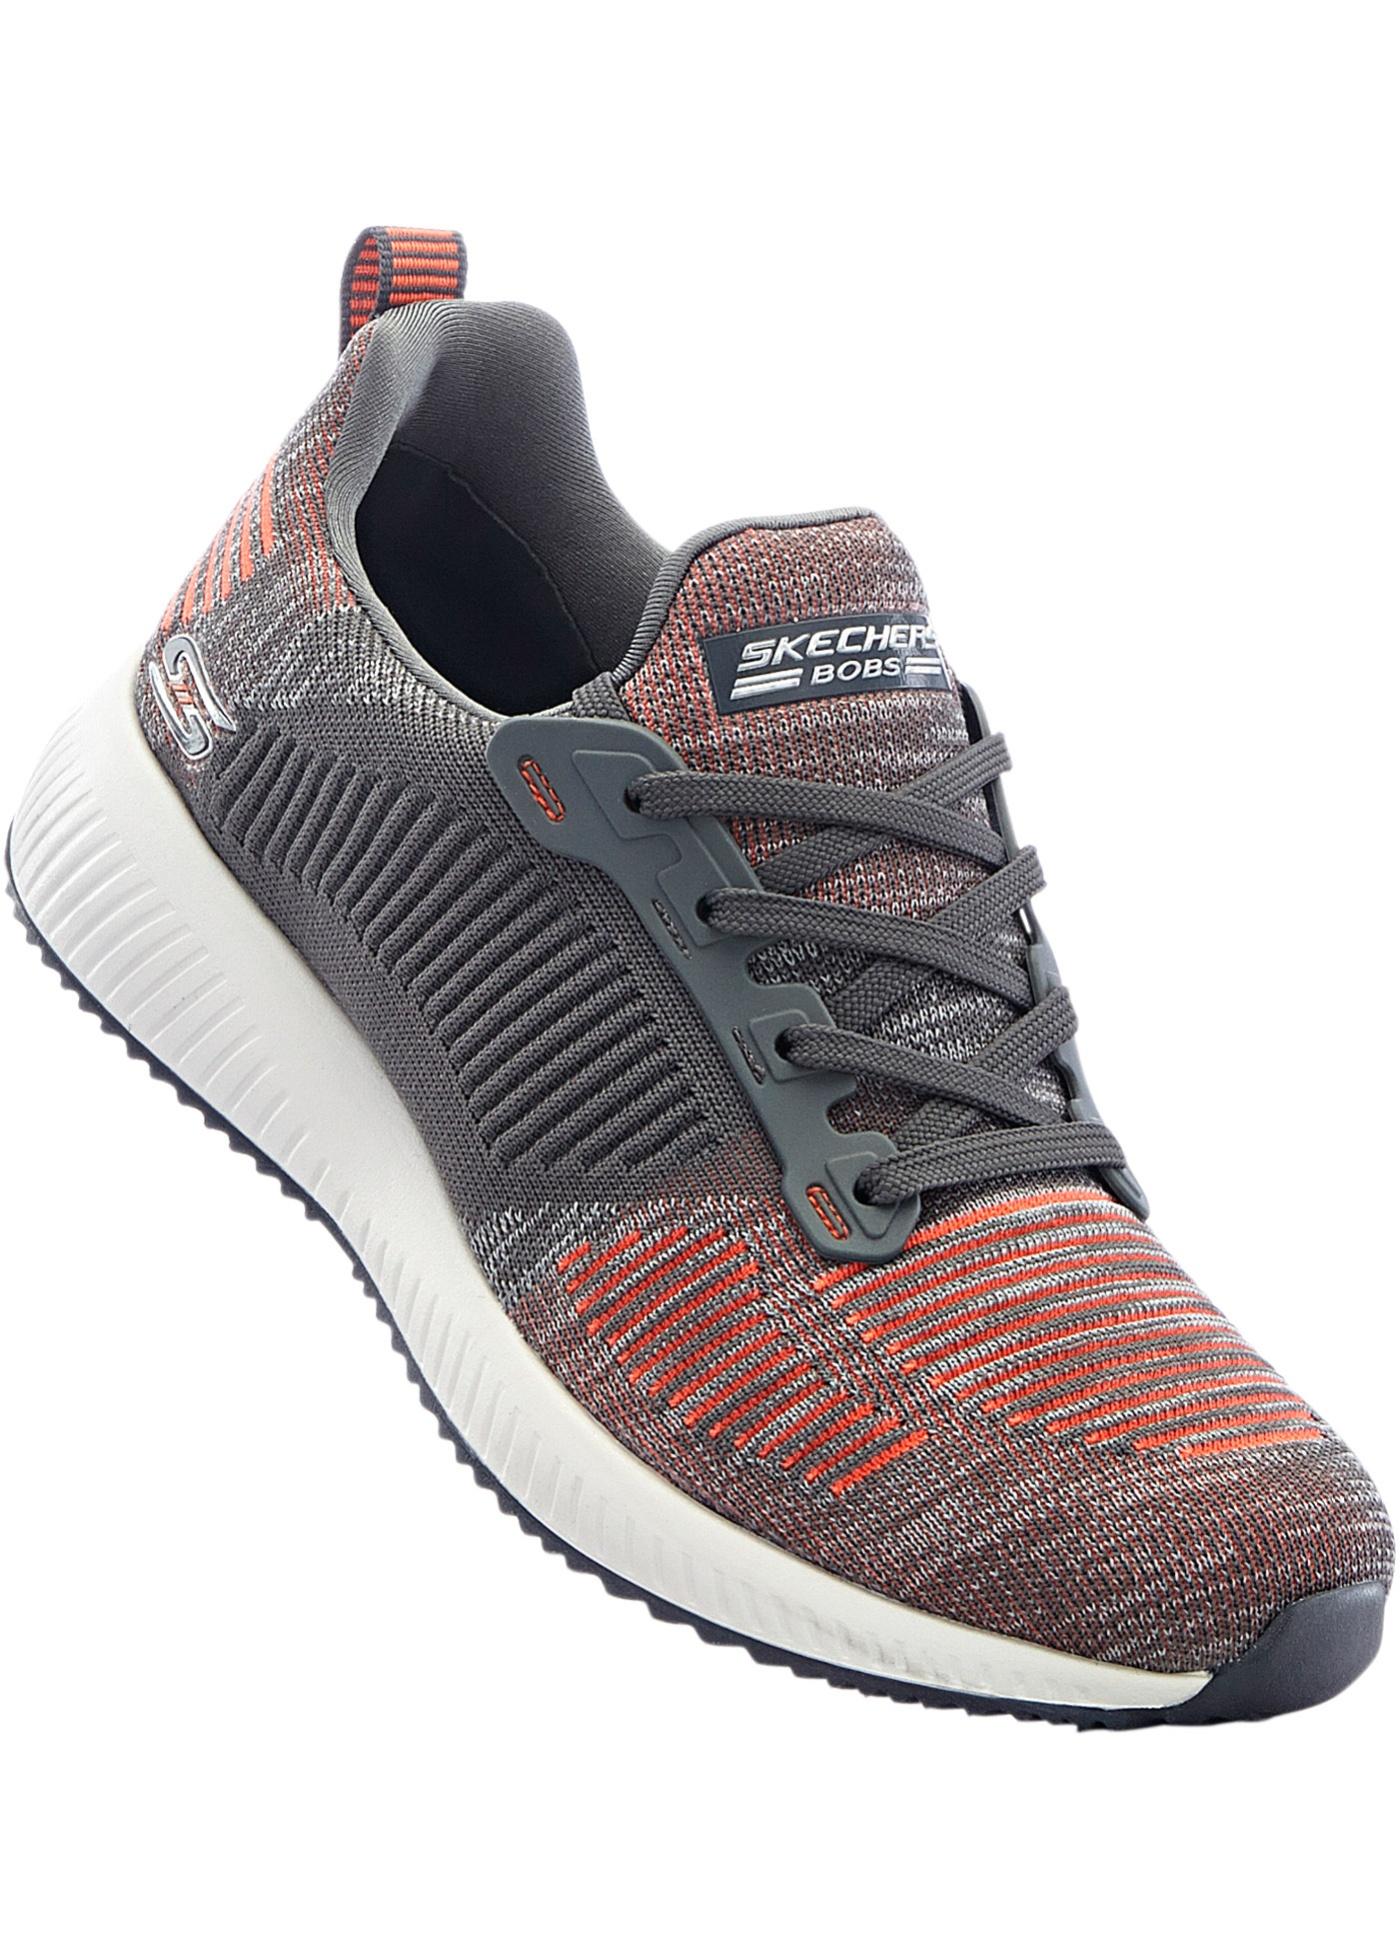 Sneakers de Skechers, à lacets.